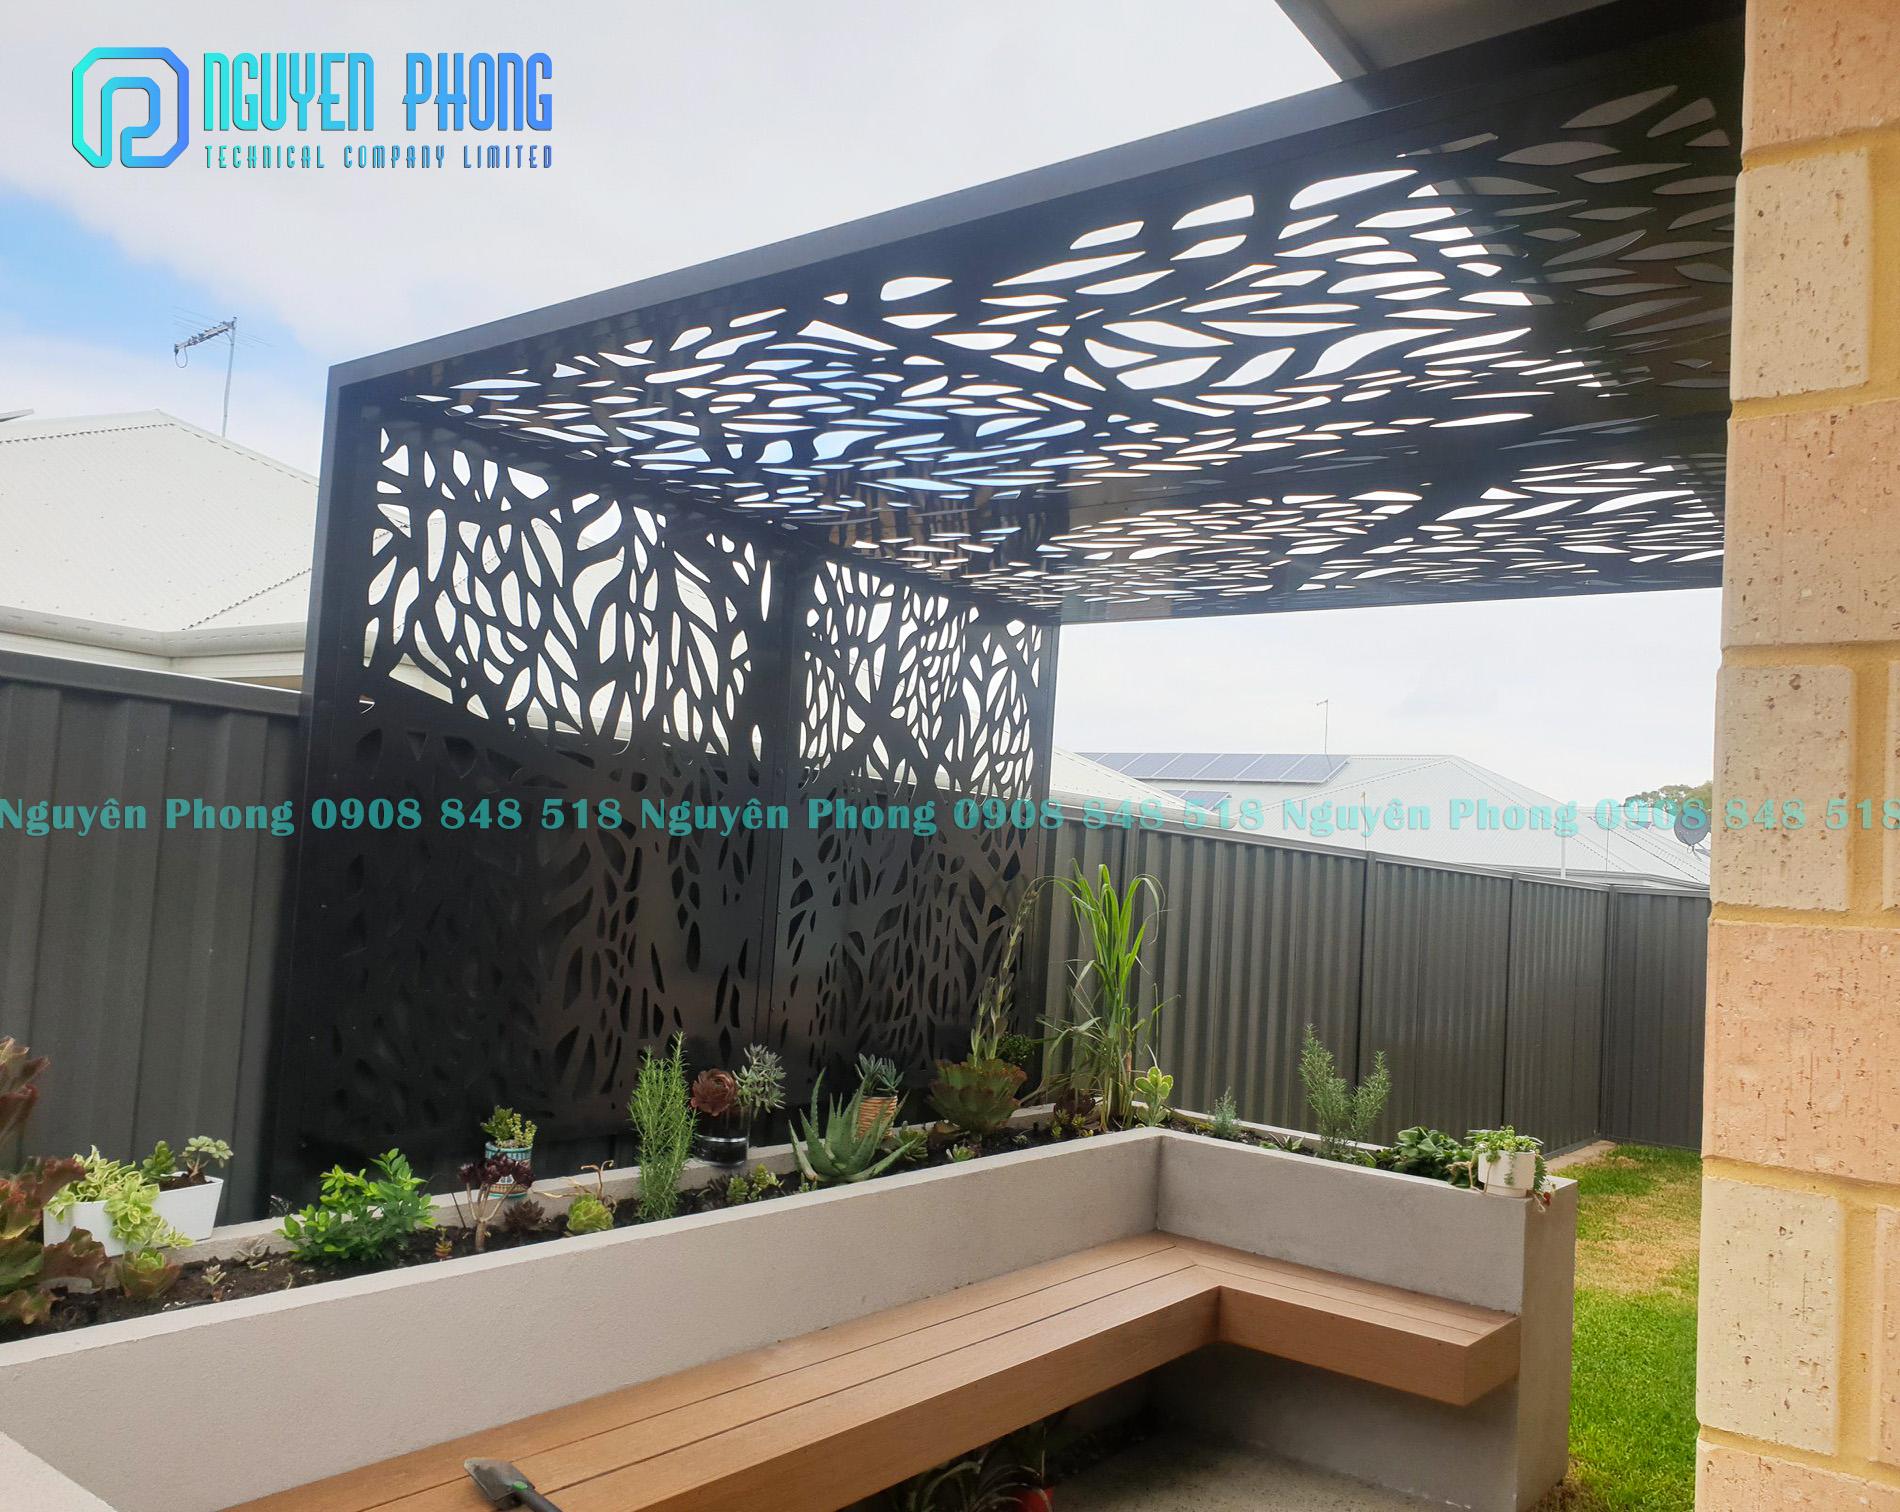 Tấm Panel trang trí, mái đón sắt cắt CNC - xu hướng kiến trúc đẹp 2021